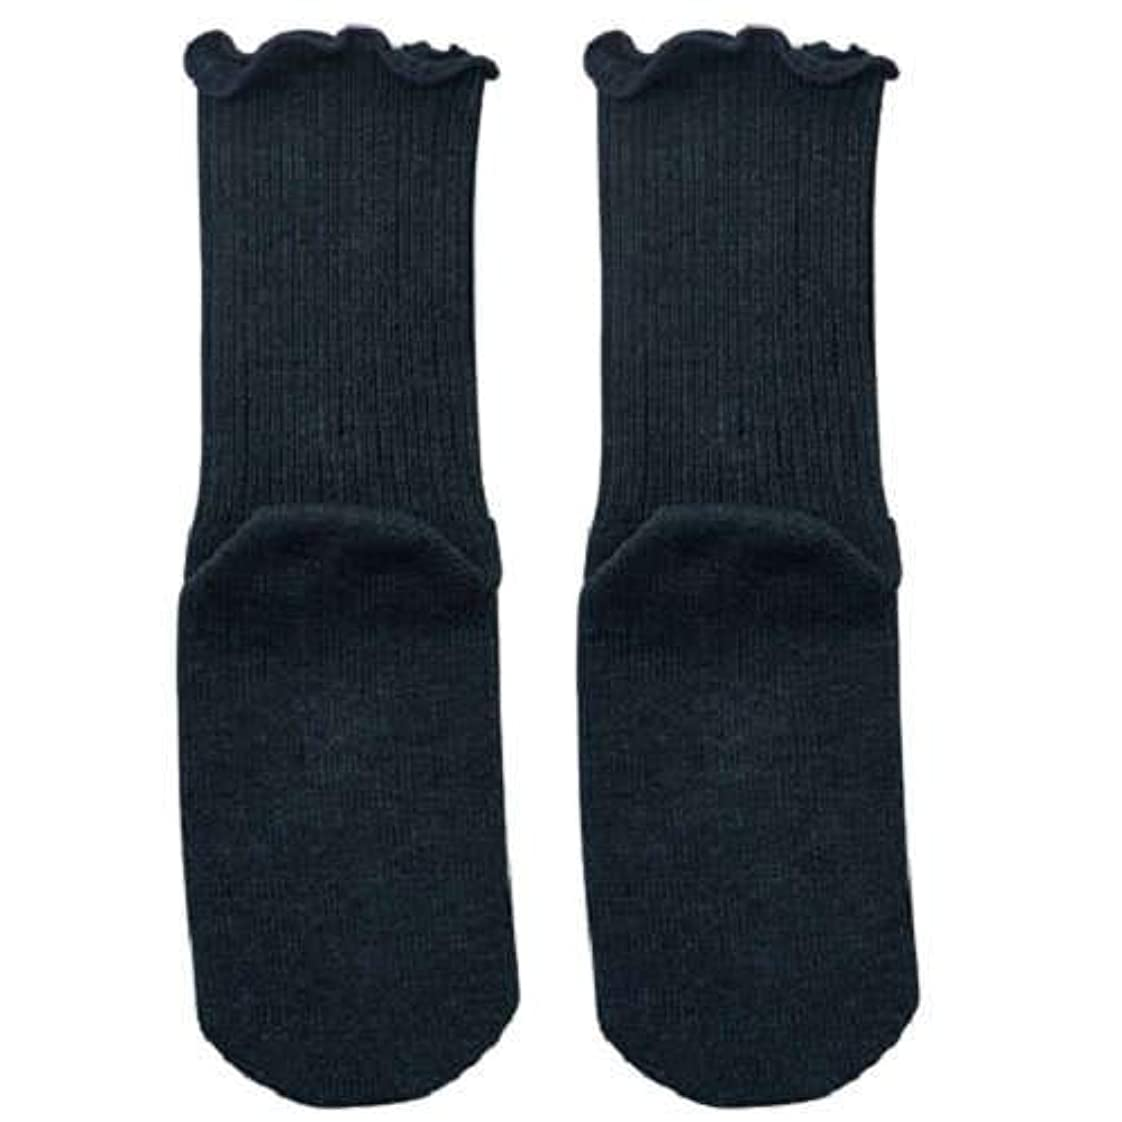 【むくみ】【骨折】 男女兼用 極上しめつけません 特大サイズ 靴下 (チャコール)